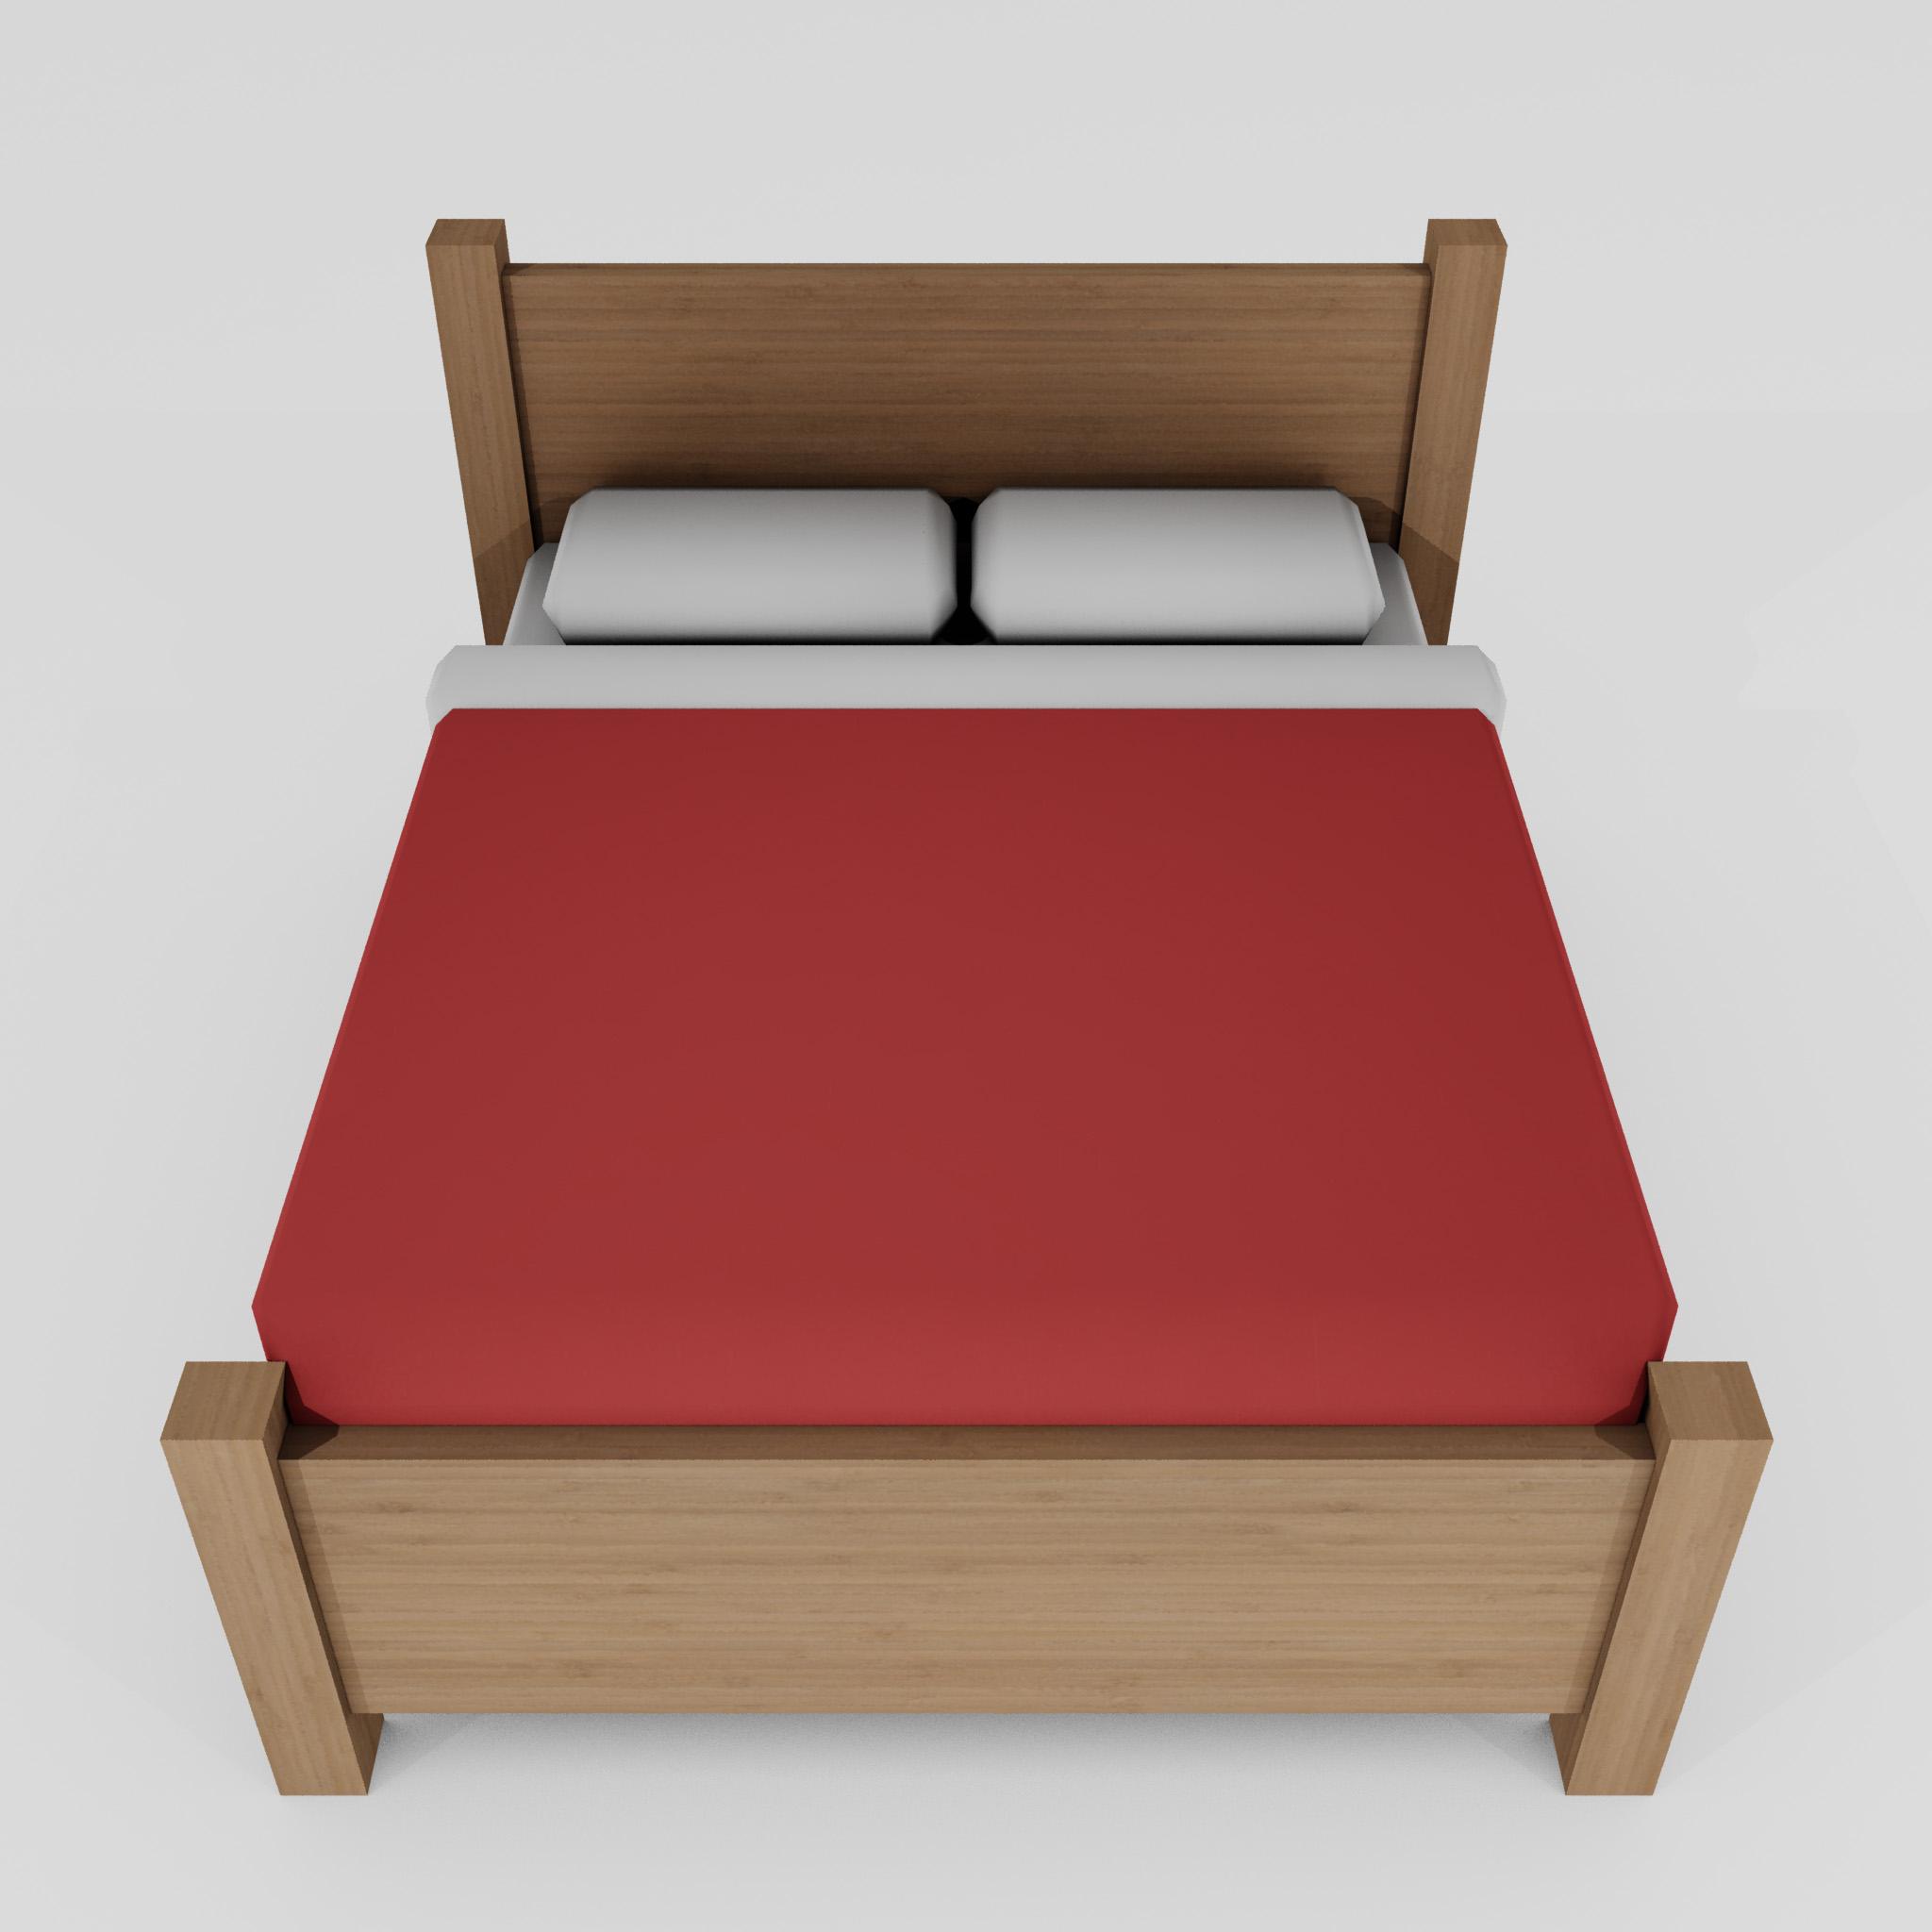 double bed 3d model 3ds max fbx obj 271950